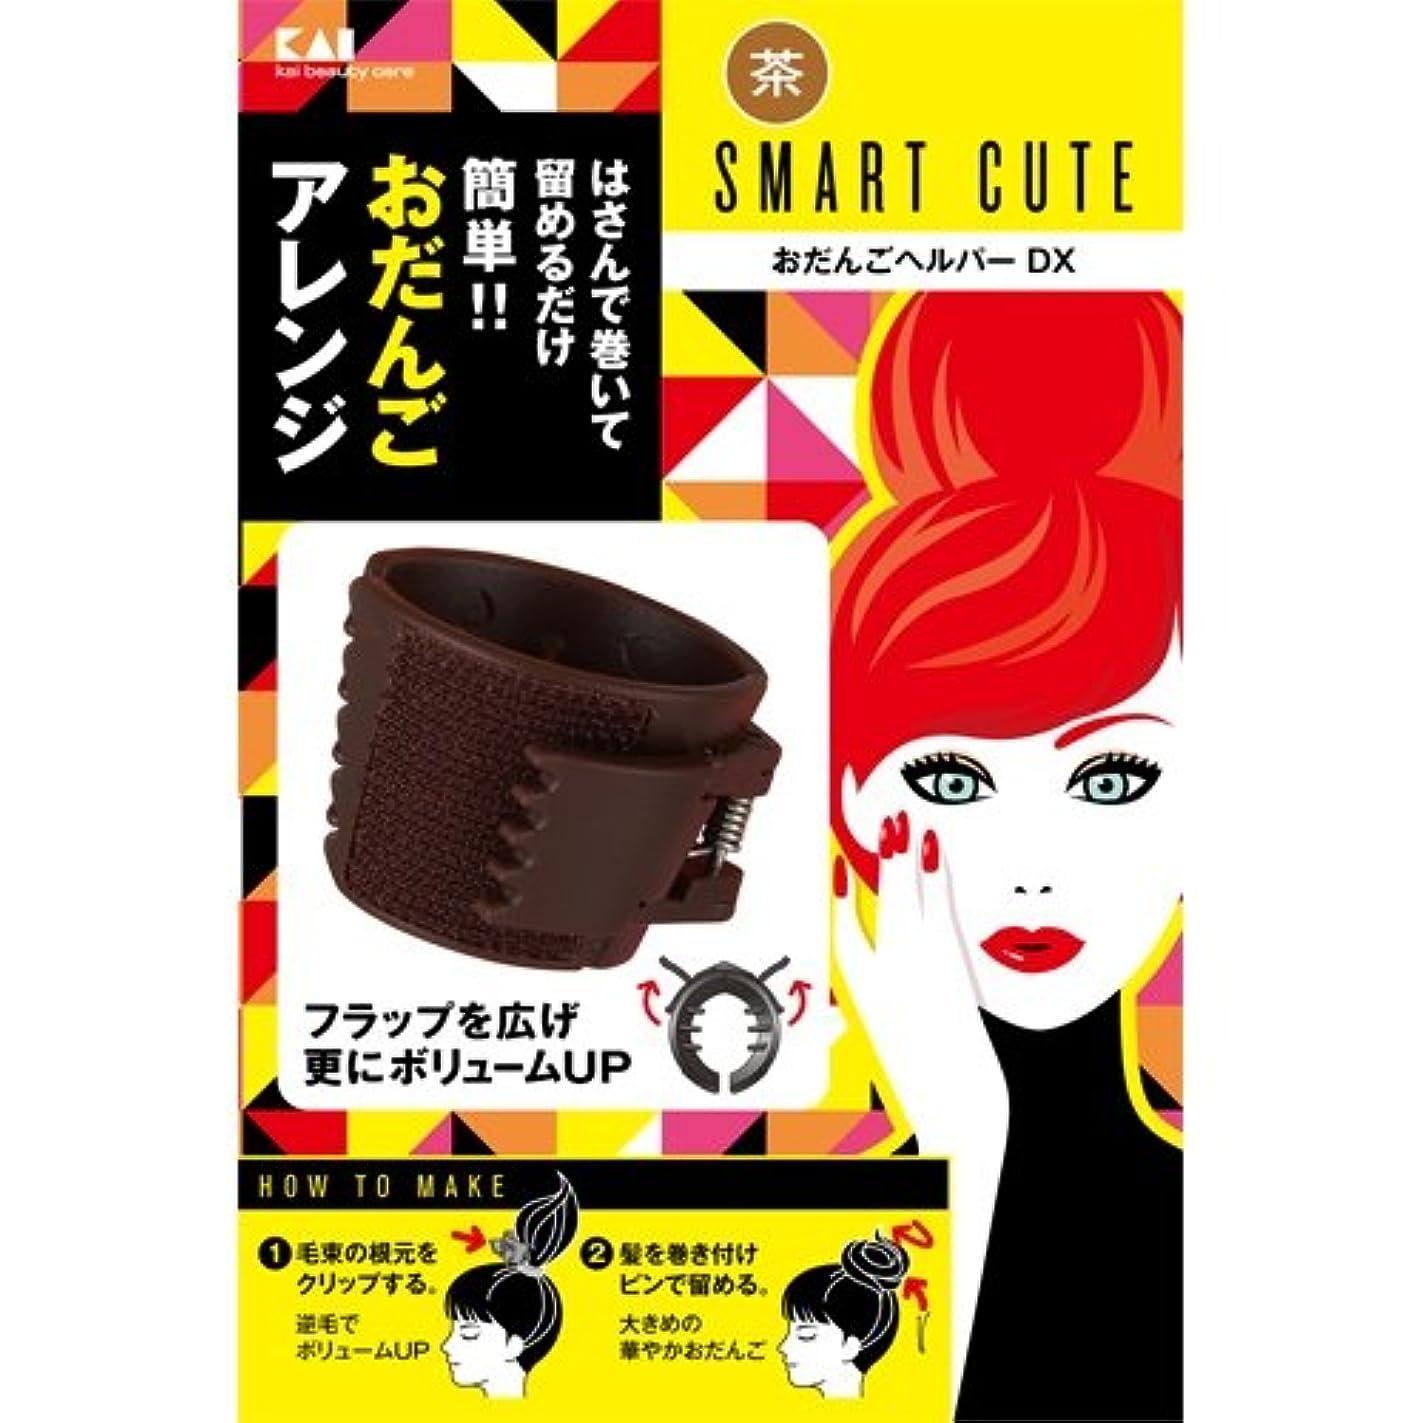 好きである残高セータースマートキュート(SmartCute) おだんごヘルパーDX (茶 ) HC3326